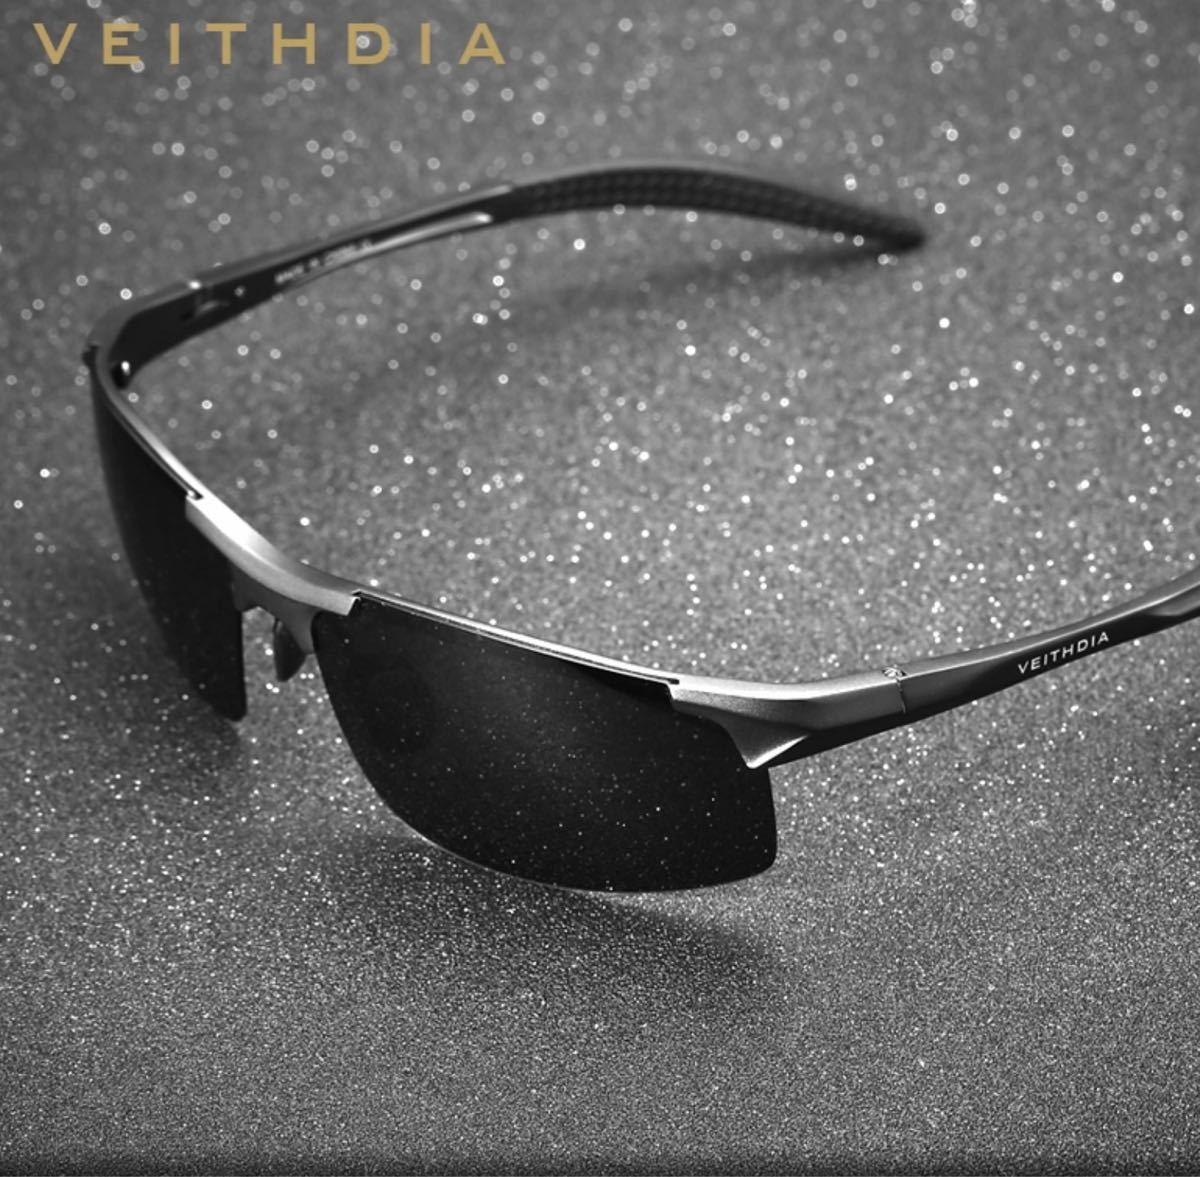 偏光サングラス スポーツサングラス VEITHDIA スポーツタイプ サングラス 偏光レンズ